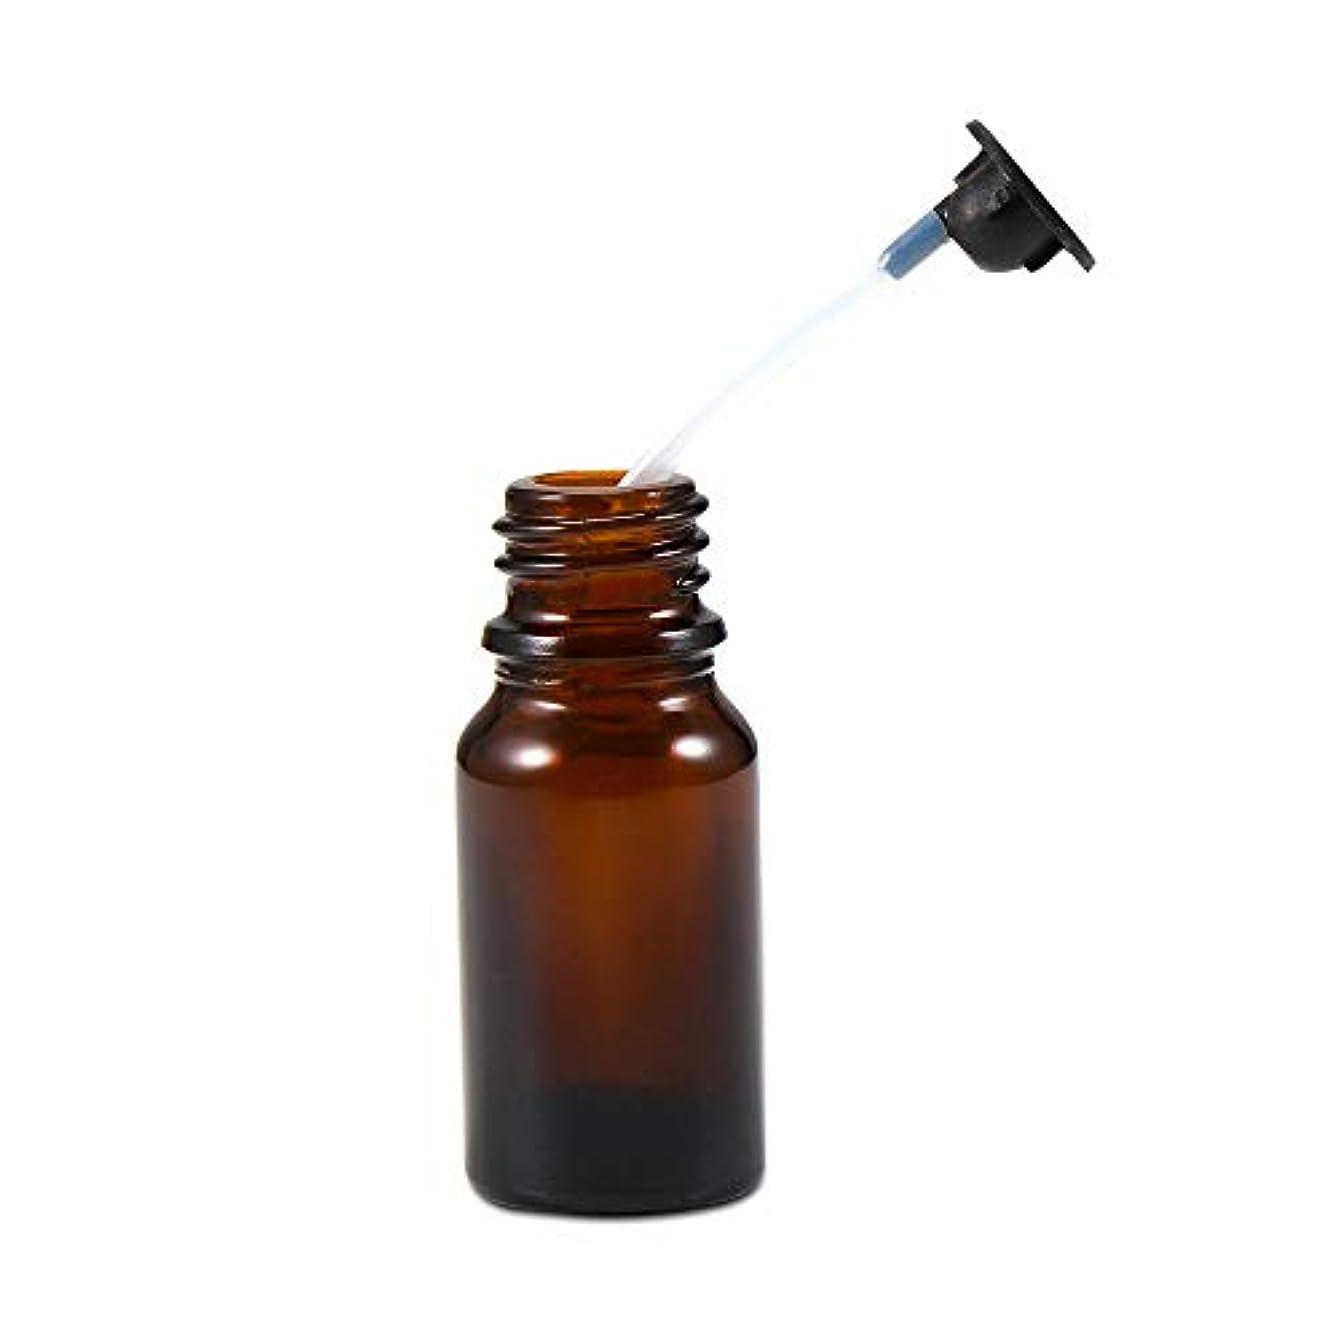 病な作業身元Caseceo エッセンシャルオイル ボトルとノズル 交換用 アクセサリー 数量1